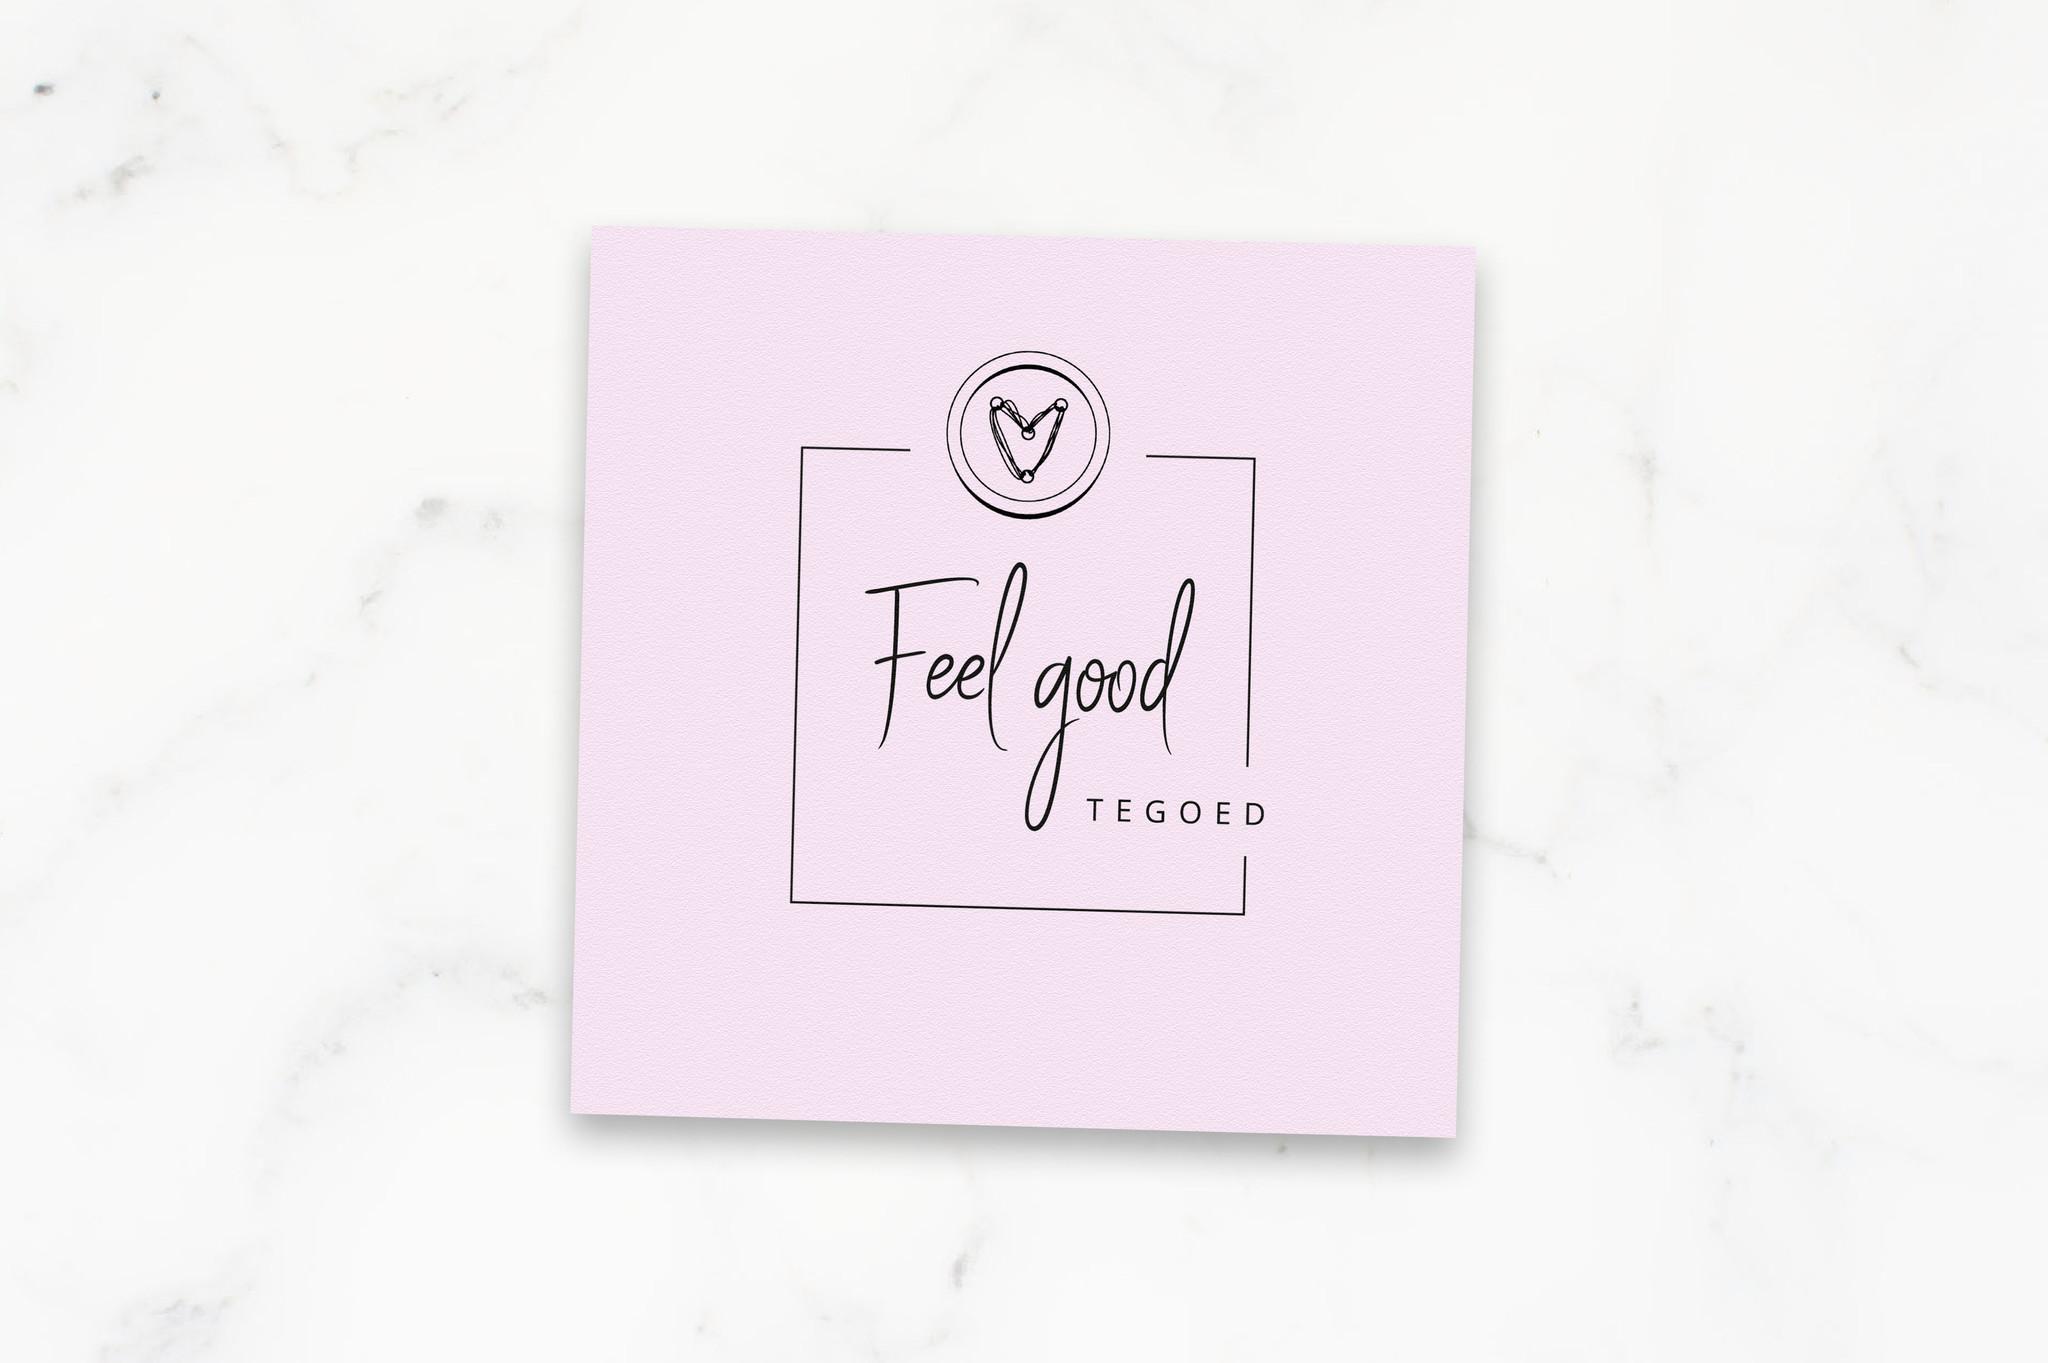 Feel Good Tegoed